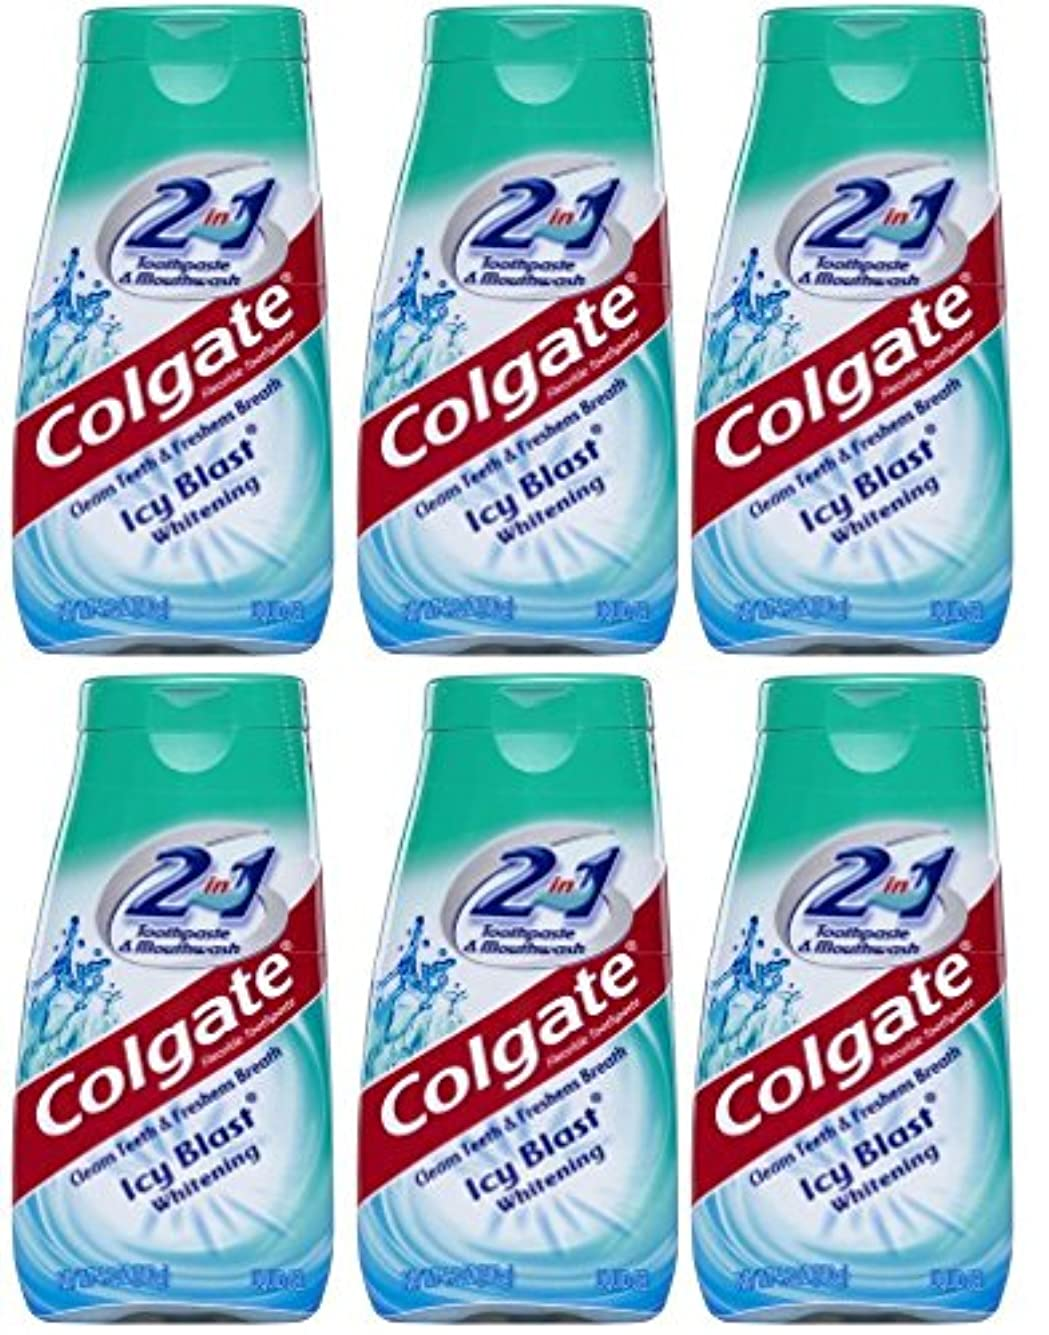 かもめ無効脇にColgate 2-IN-1歯磨き粉およびマウスウォッシュ、美白アイシーブラスト、4.6オンスチューブ(6パック) 6パック